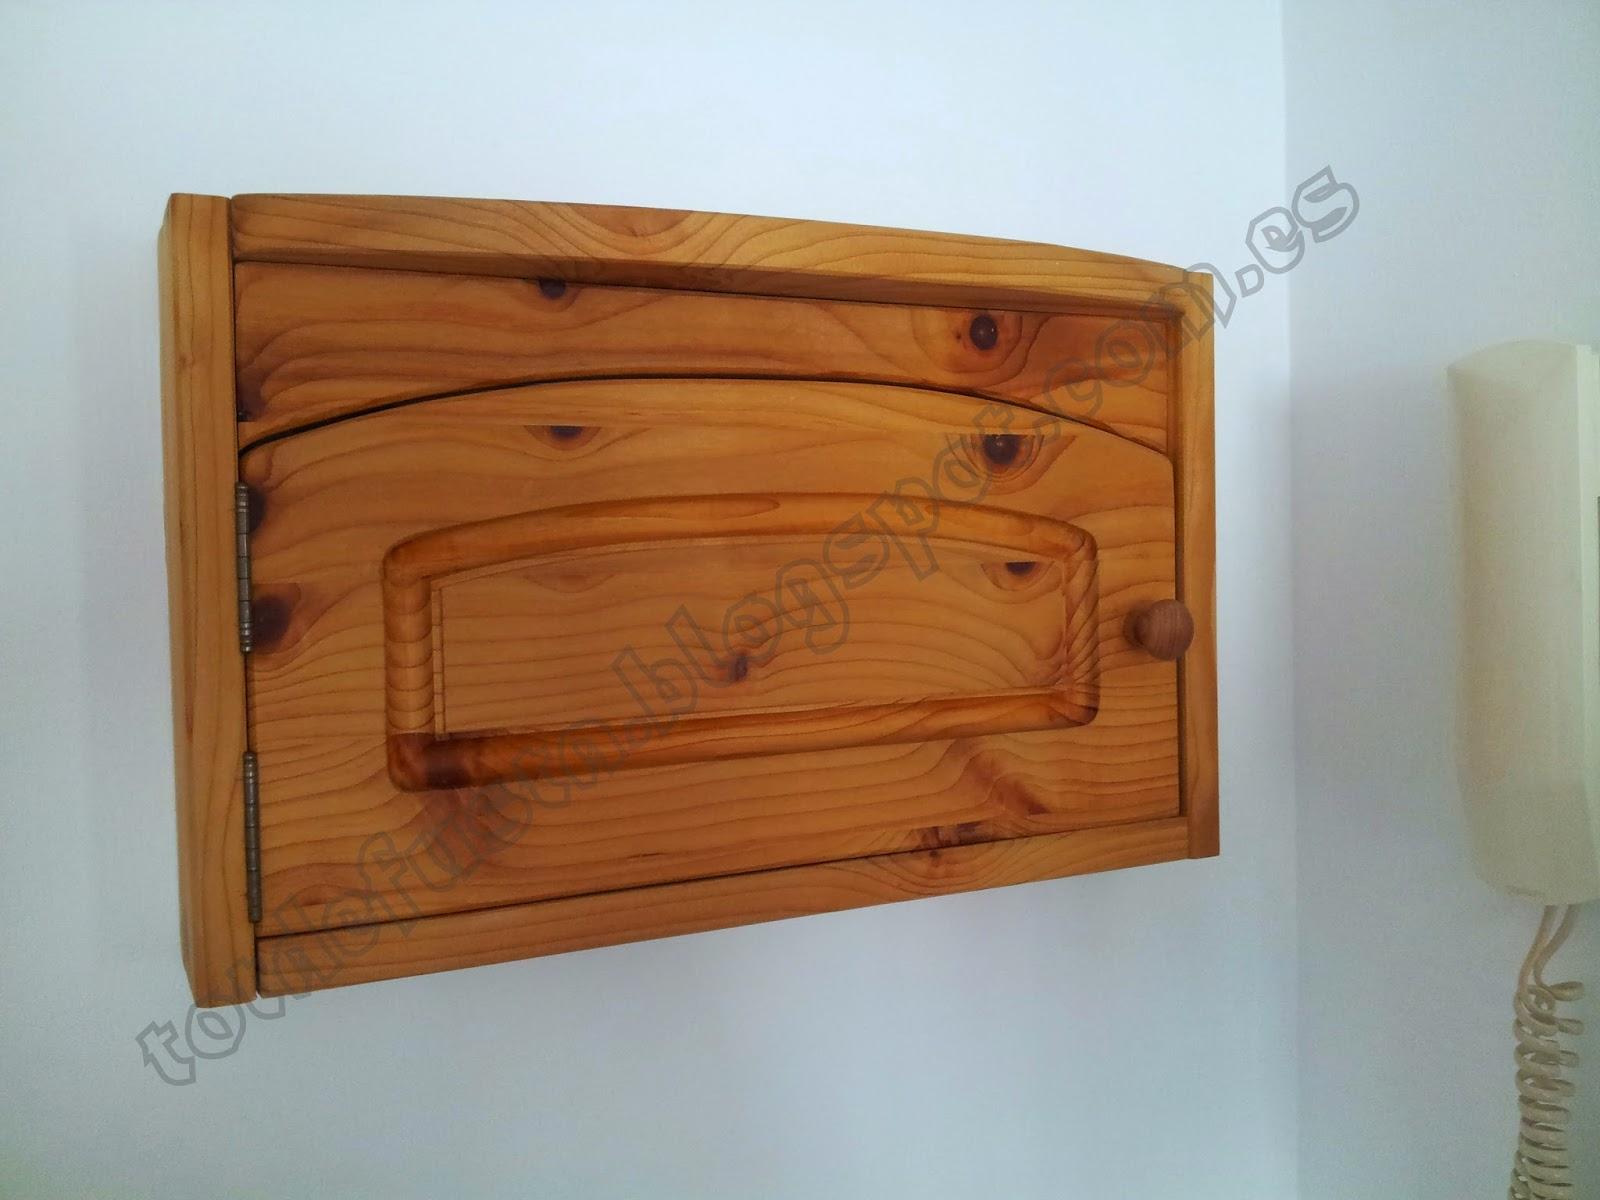 Tapas y cajas para cuadros electricos - Cubre cuadro electrico ...